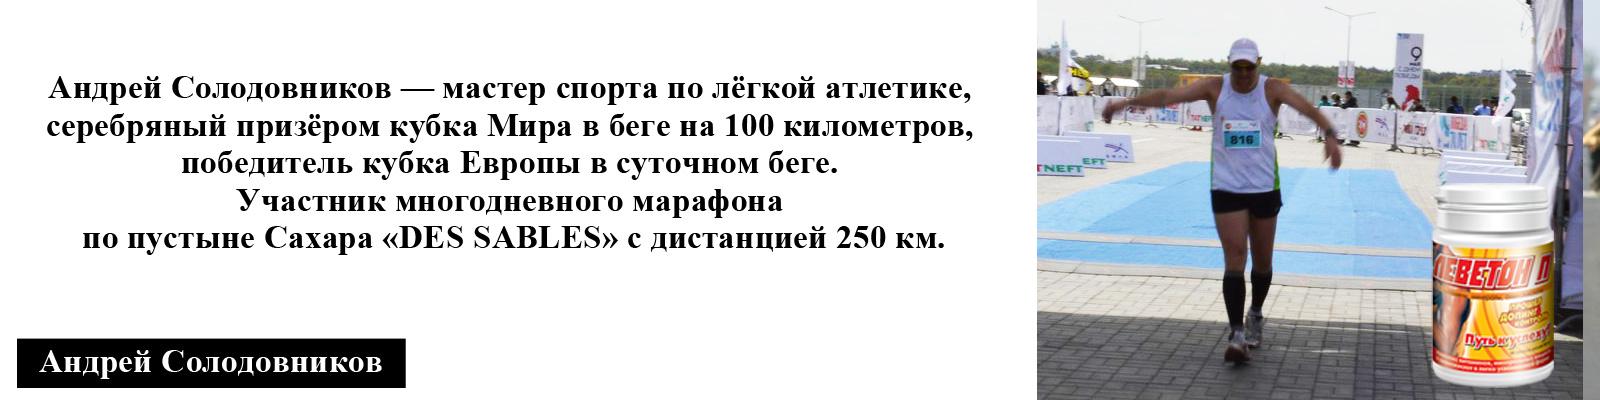 Андрей Солодовников Бег на длинные дистанции